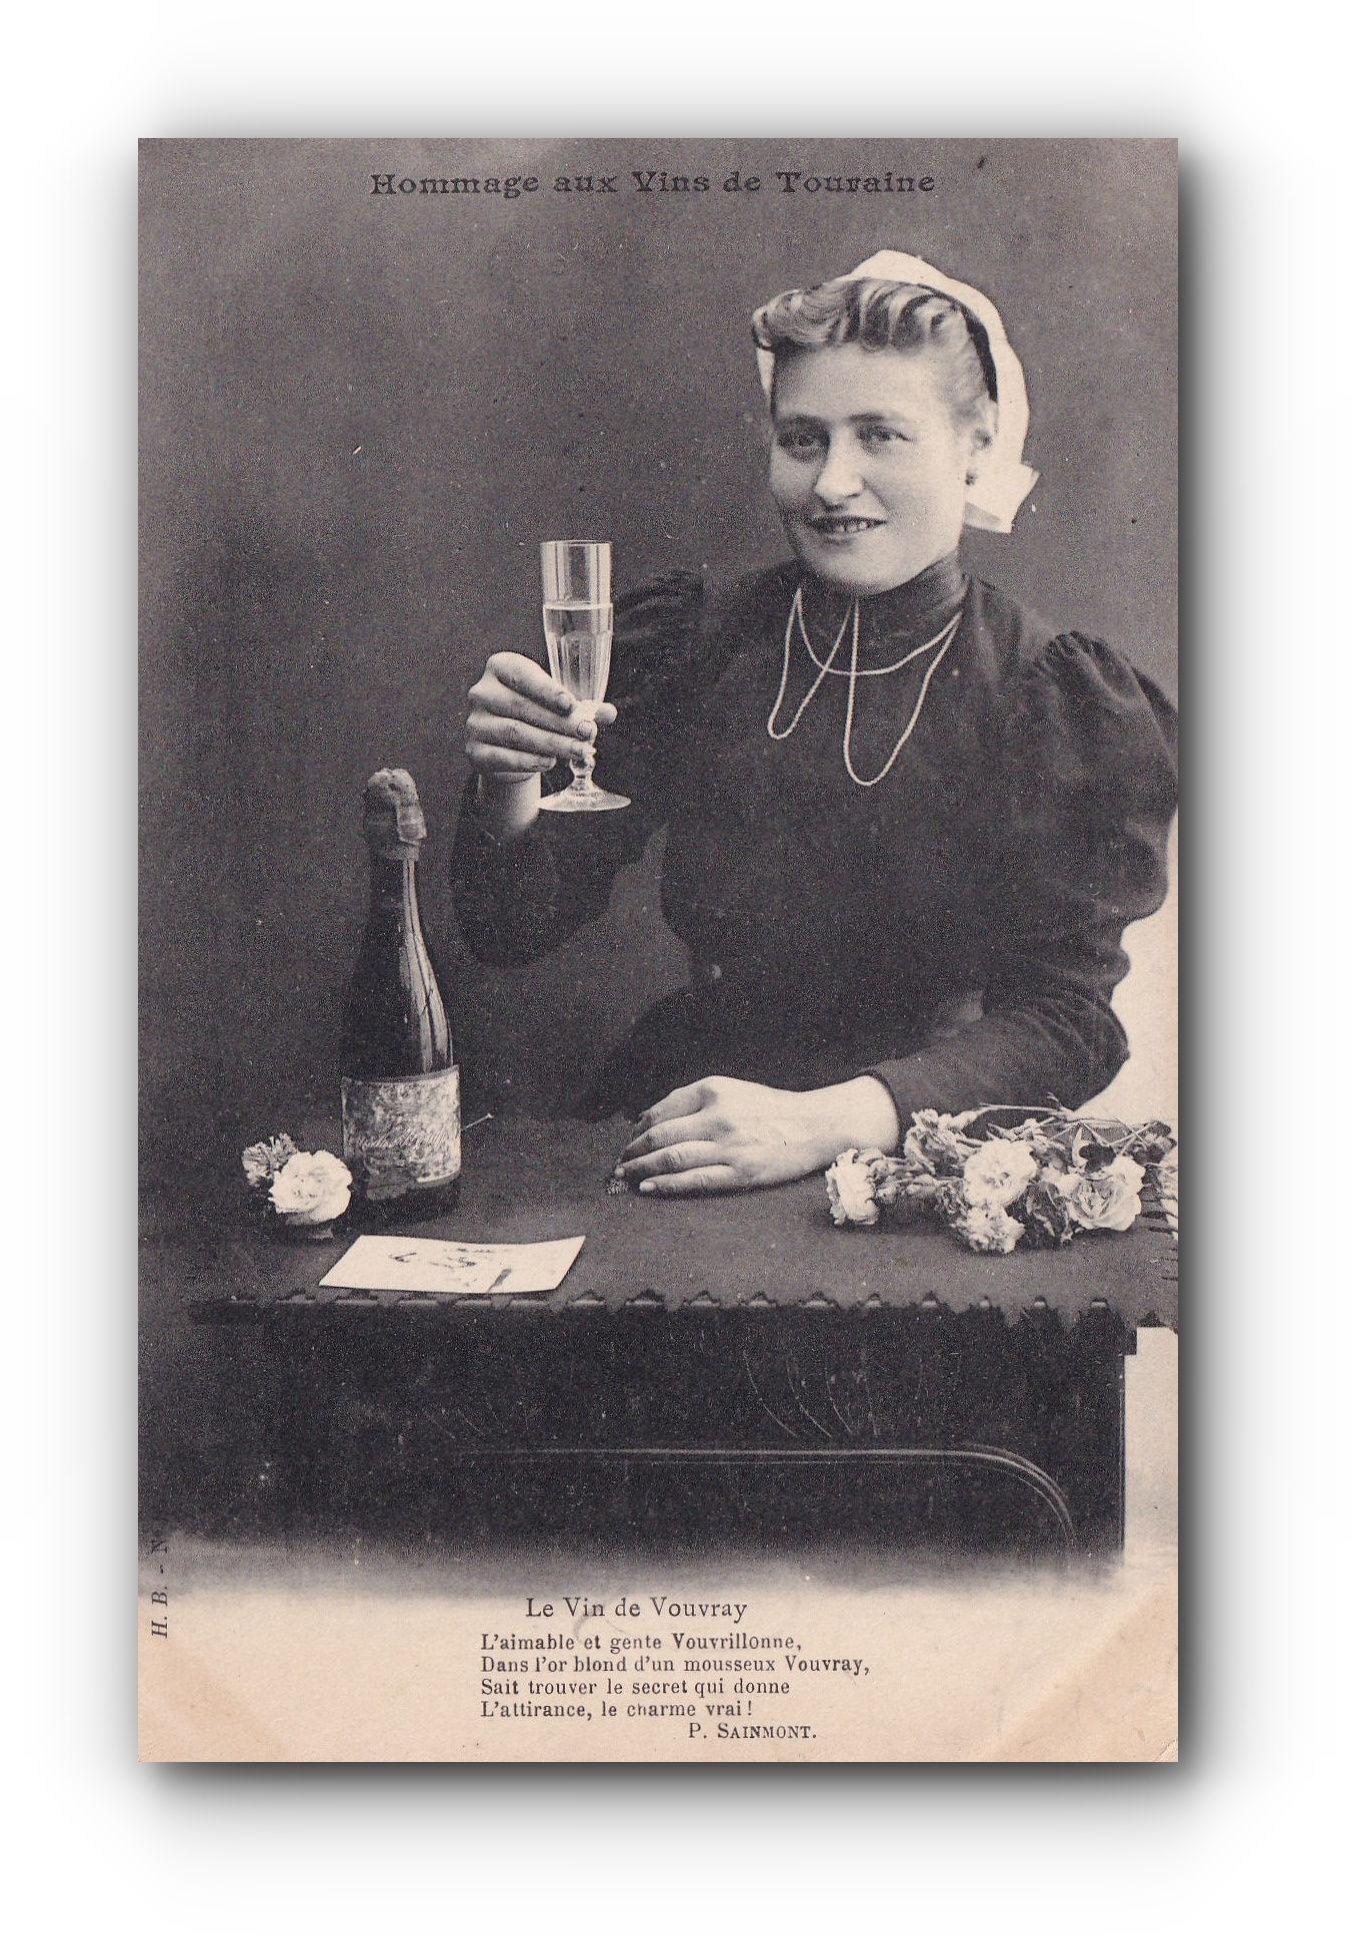 Hommage an die Weine der Touraine -  09.10.1907 - Hommage aux vins de Touraine - A tribute to Touraine wines